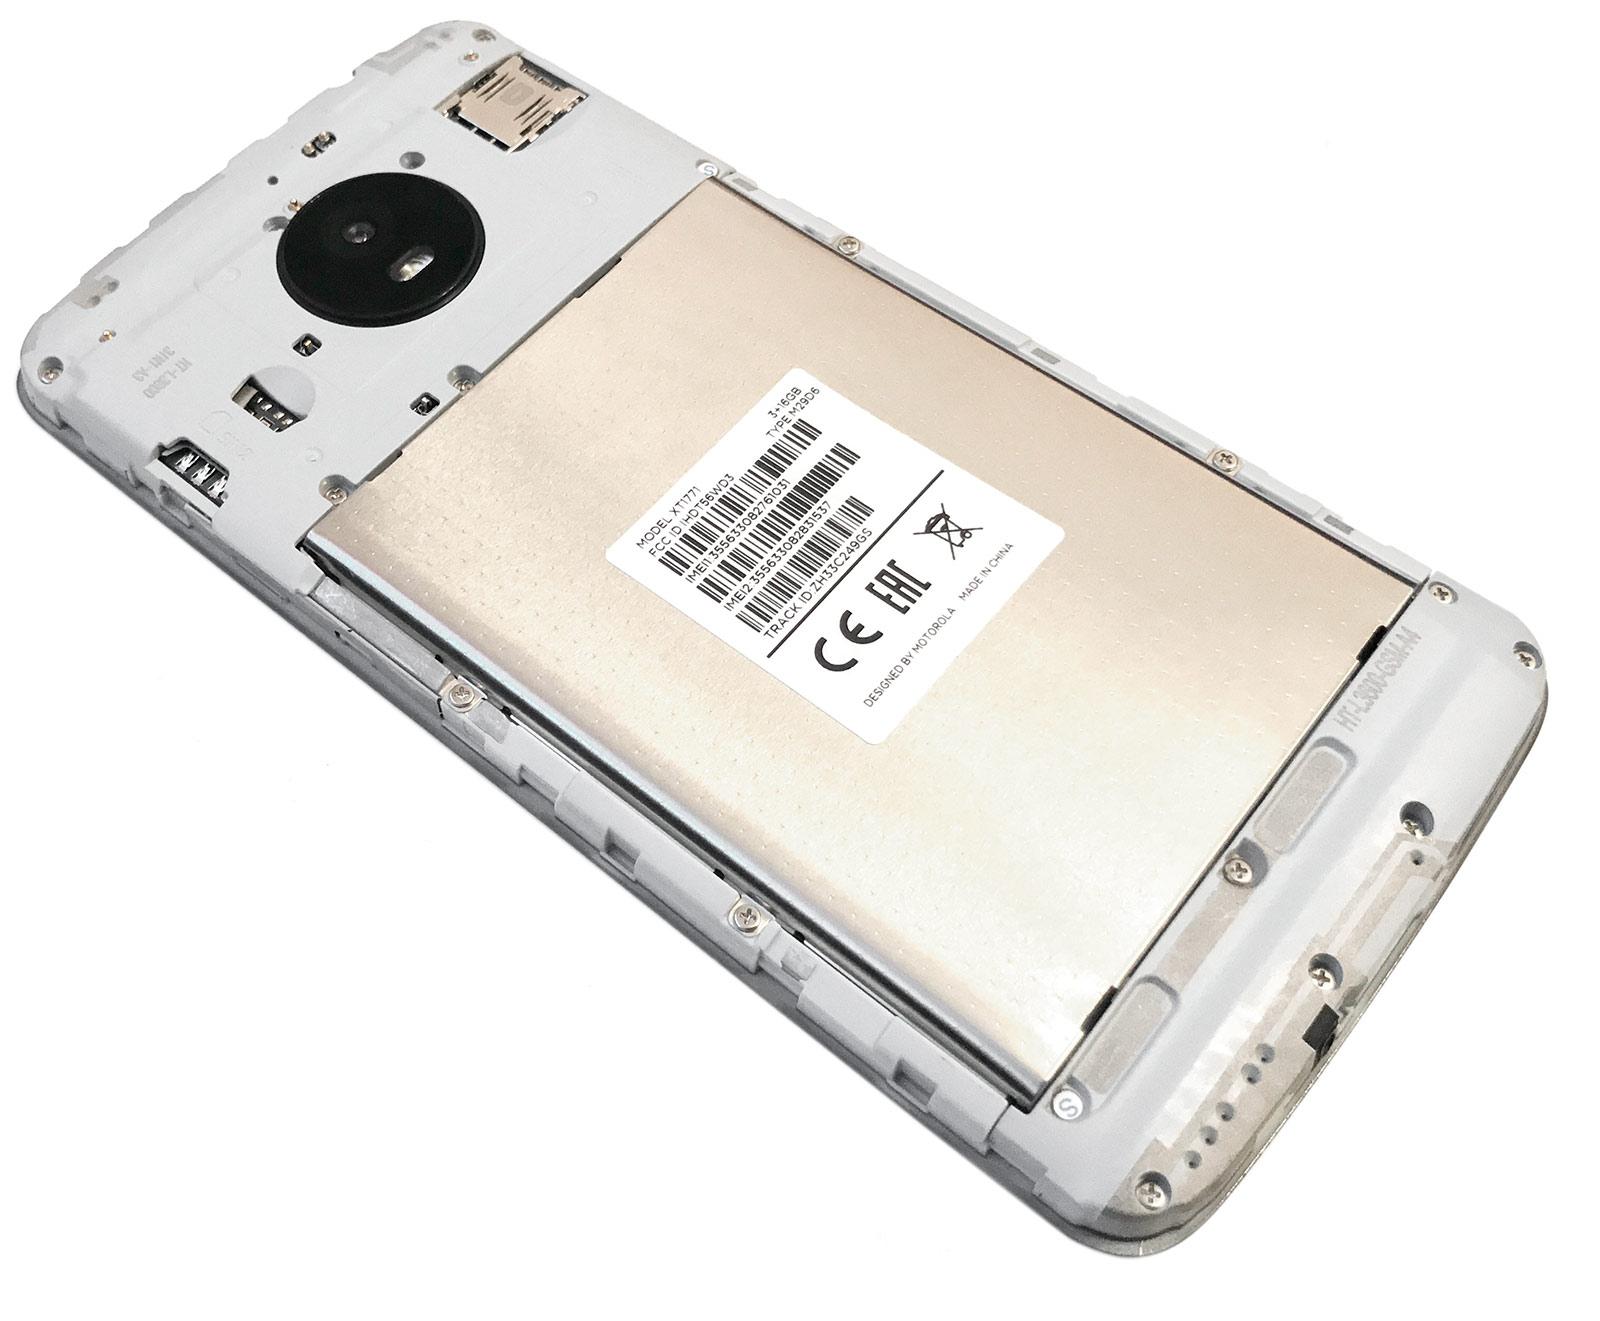 Обзор смартфона Moto E Plus: 5000 мАч в тонком корпусе - 12